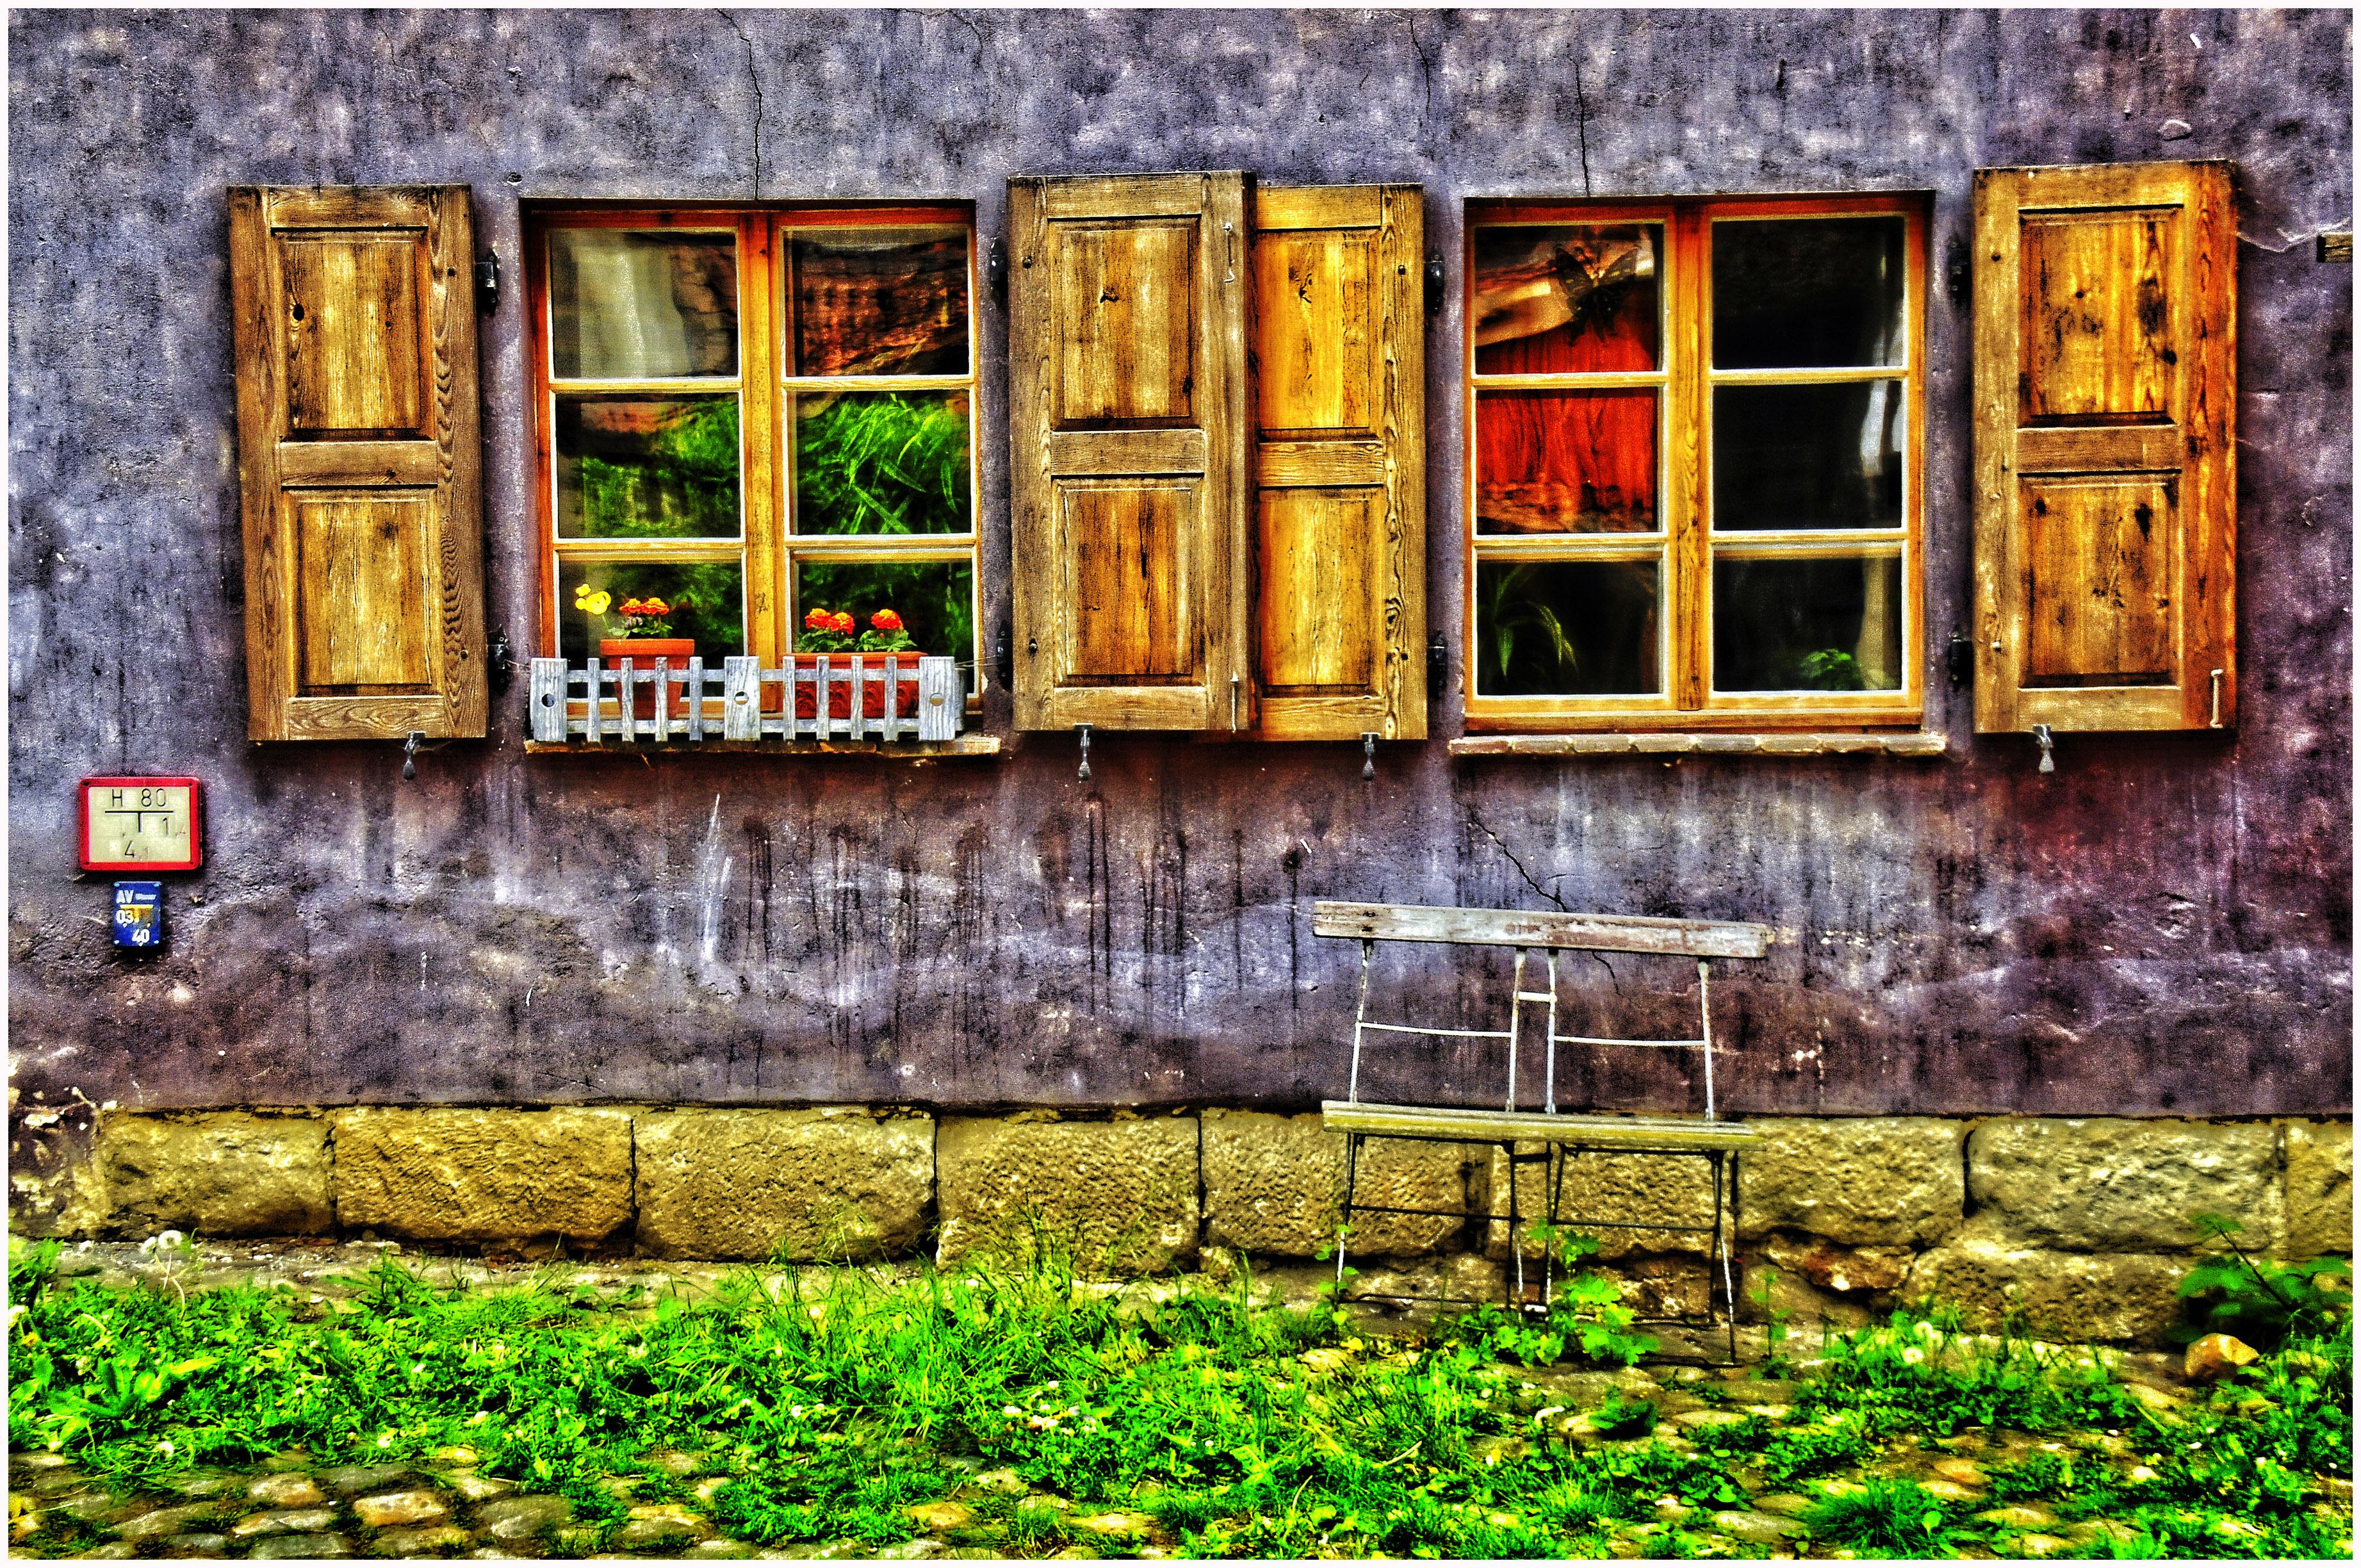 Entdeckt im Steinhof Komplex, der einsame Doppelstuhl und die Spiegelung im Fenster haben mich gereizt auf den Auslöser zu drücken. Durch die Bildbearbeitung sind die Farben verstärkt worden.  Es kann geträumt werden.